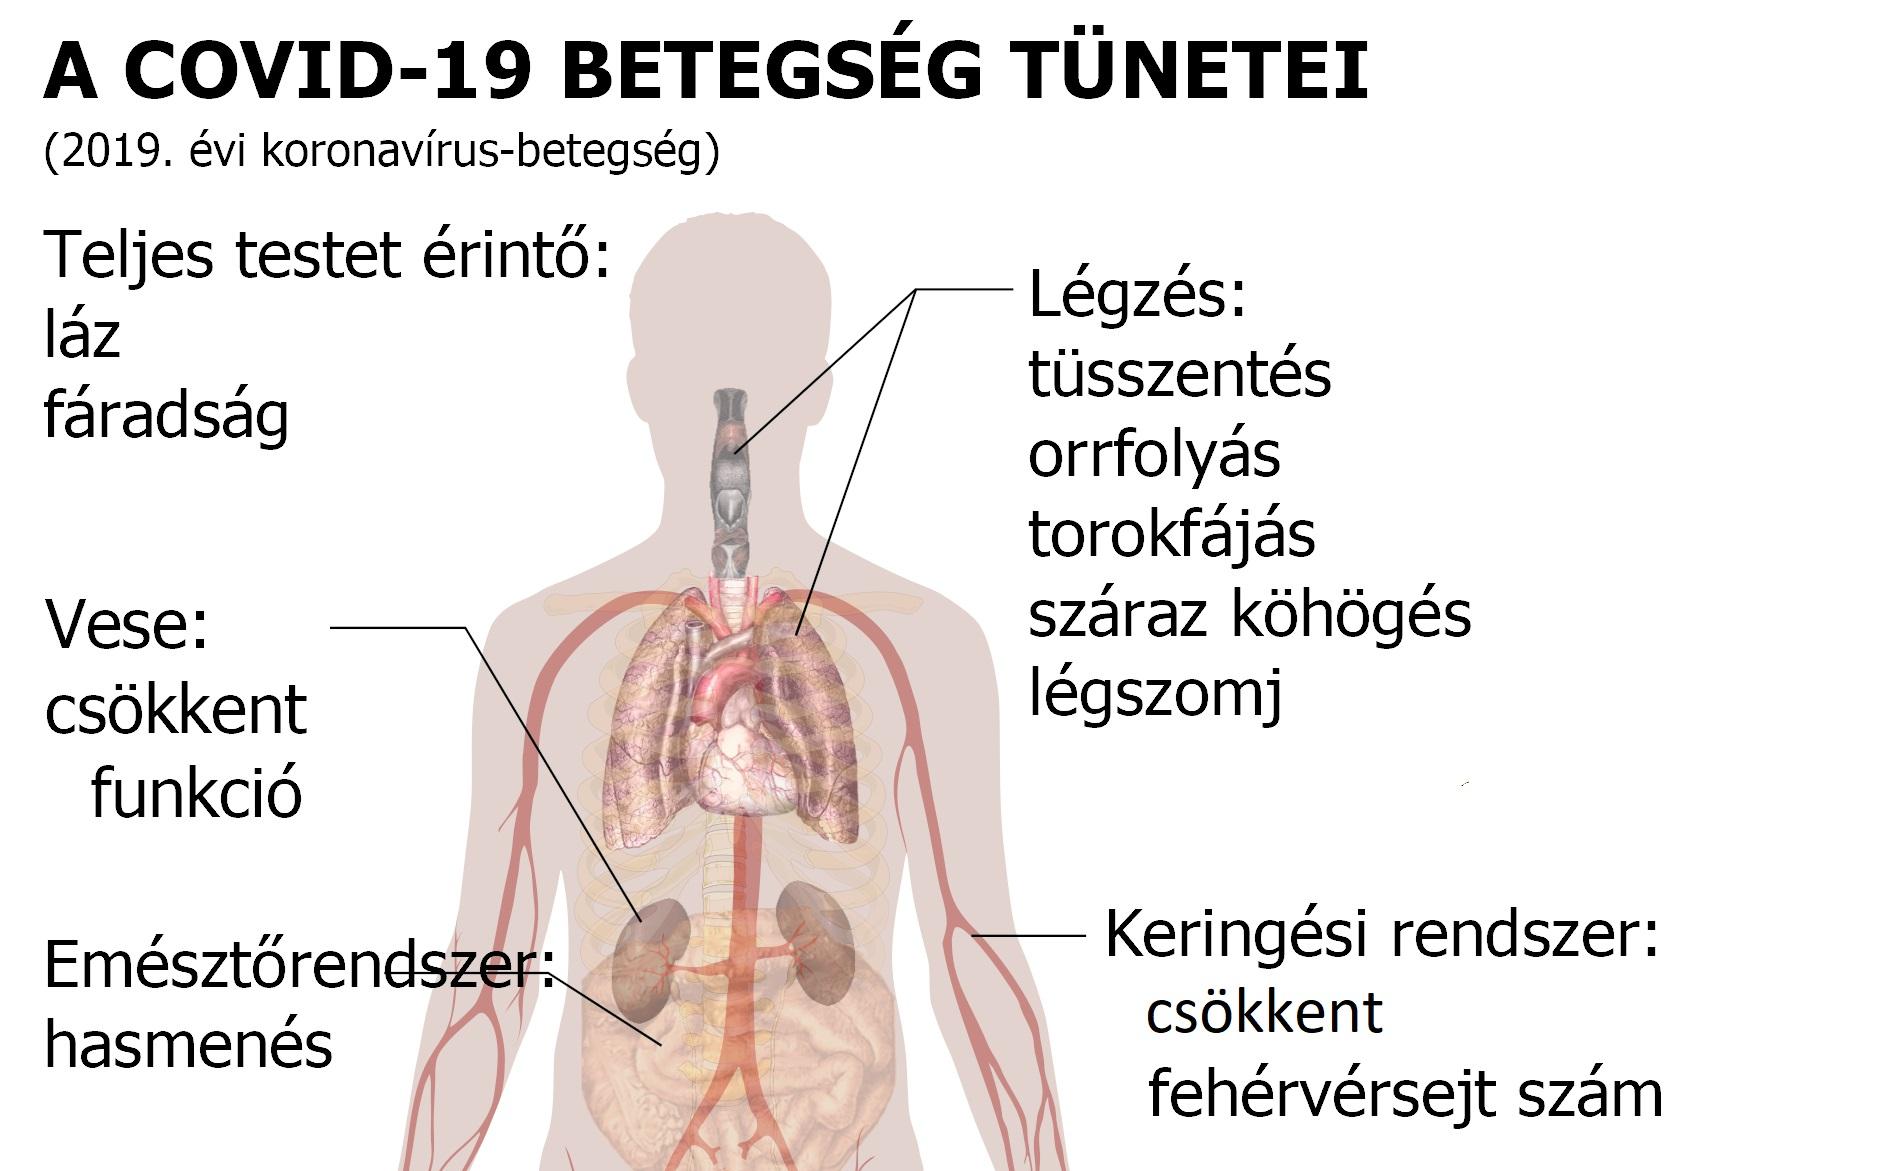 magas vérnyomásban nem okoz köhögést)